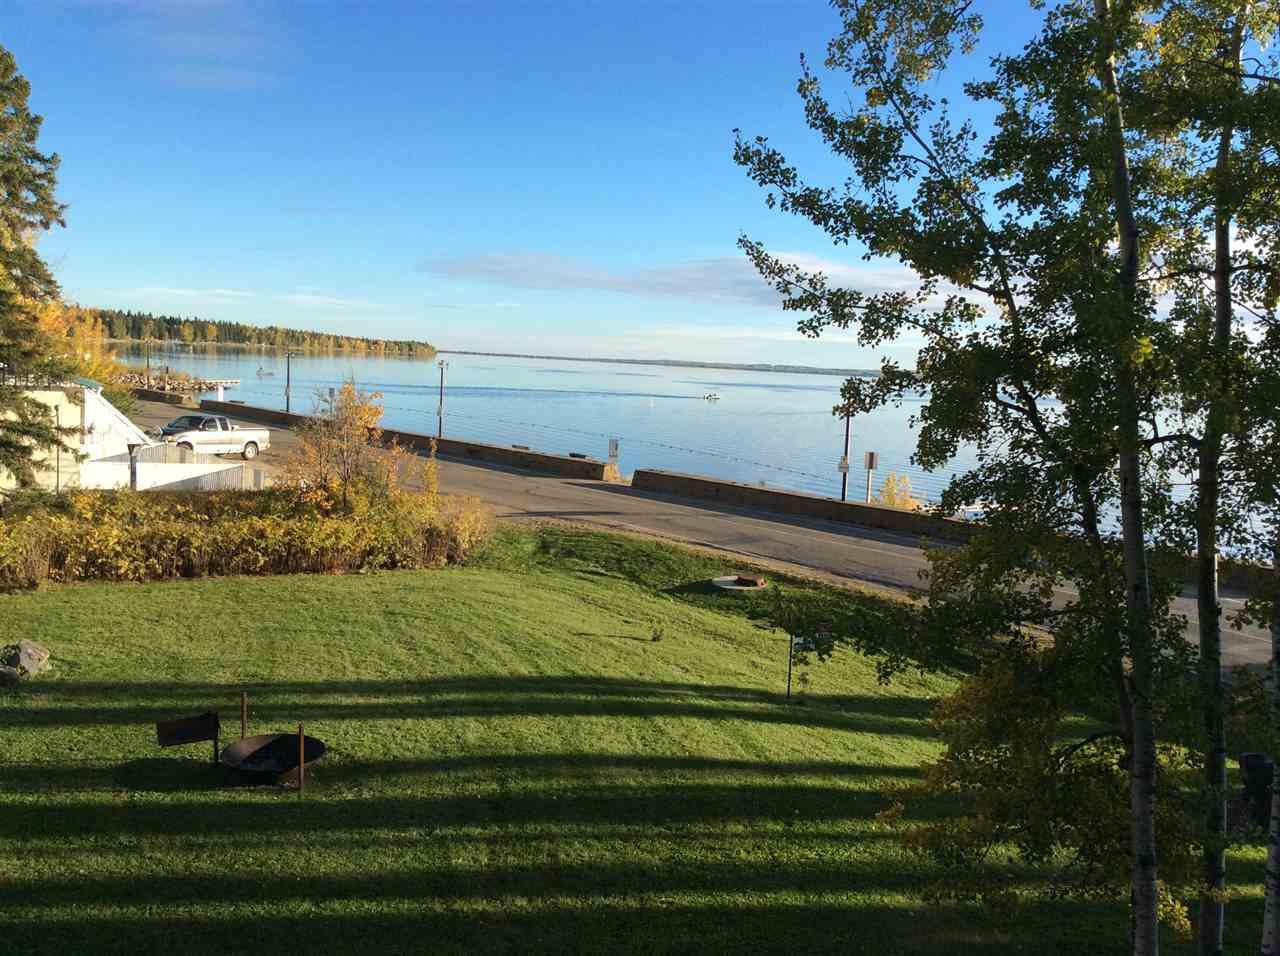 5630 Lake, at $199,000